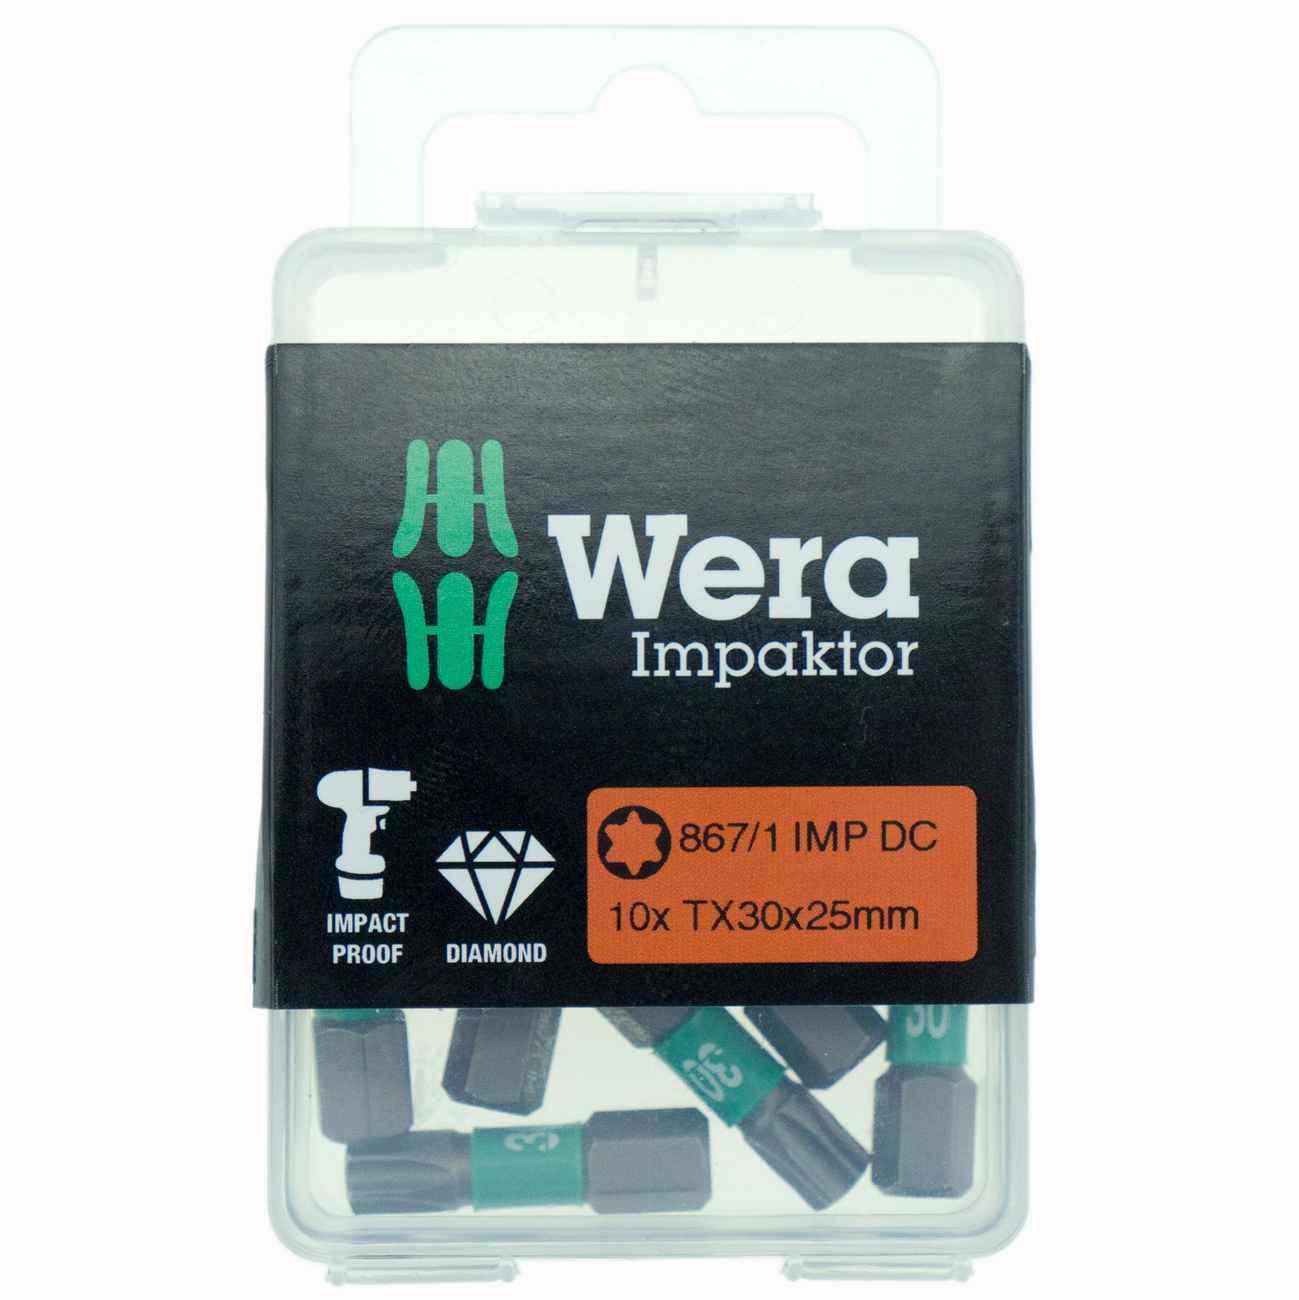 10 x Wera Impaktor Bit TX30 x 25mm – Bild 1